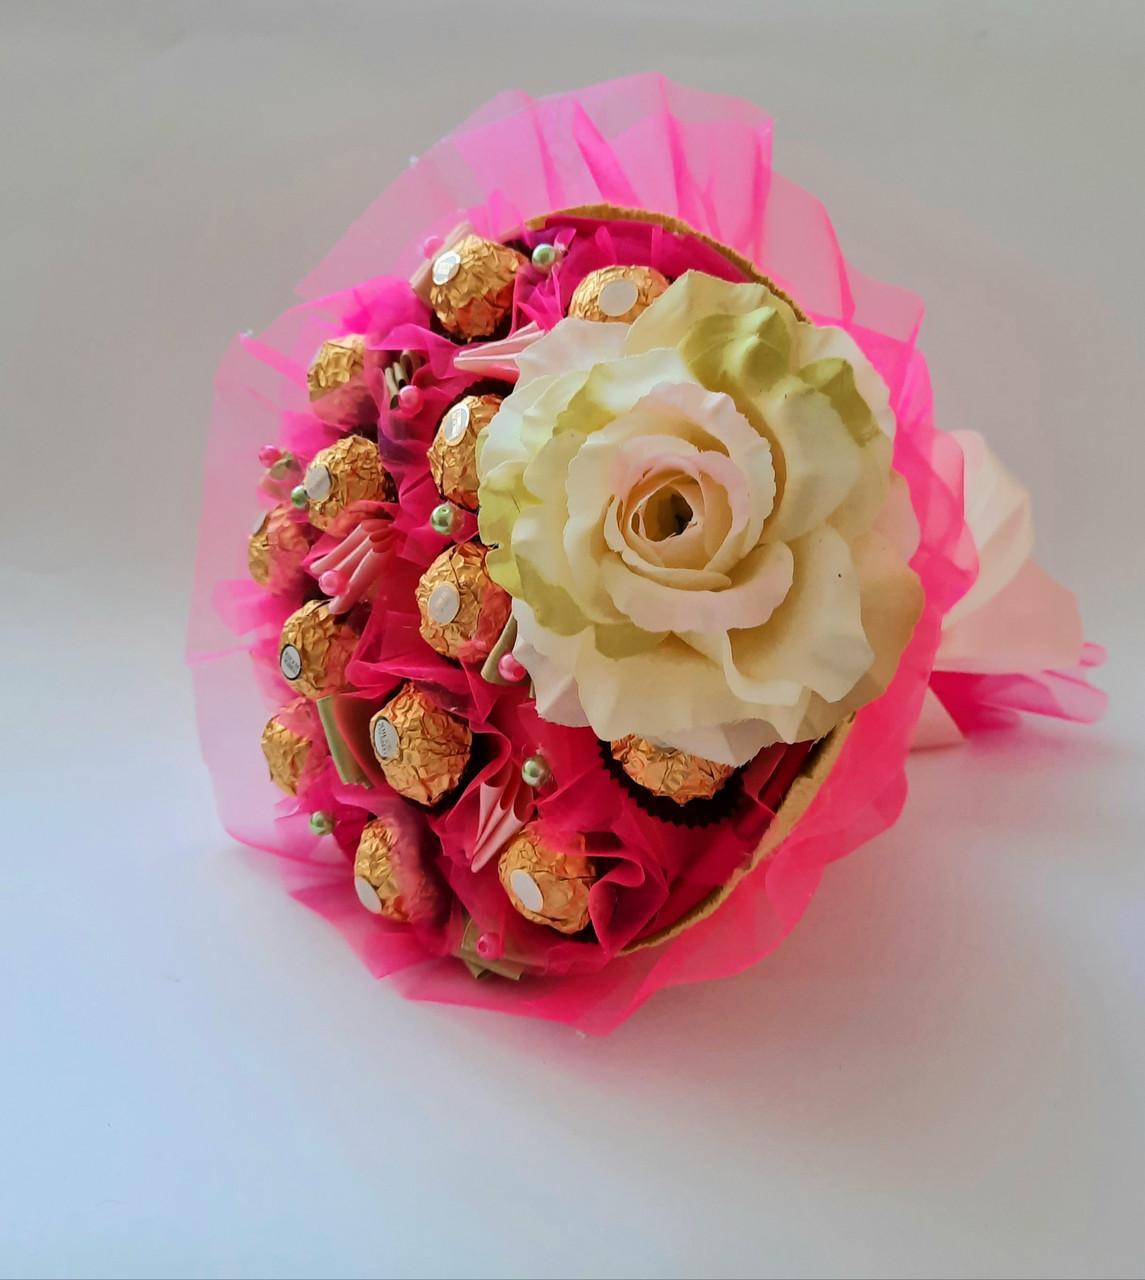 Букет з цукерок Ferrero Rocher Прованс смачний солодкий оригінальний подарунок дівчині